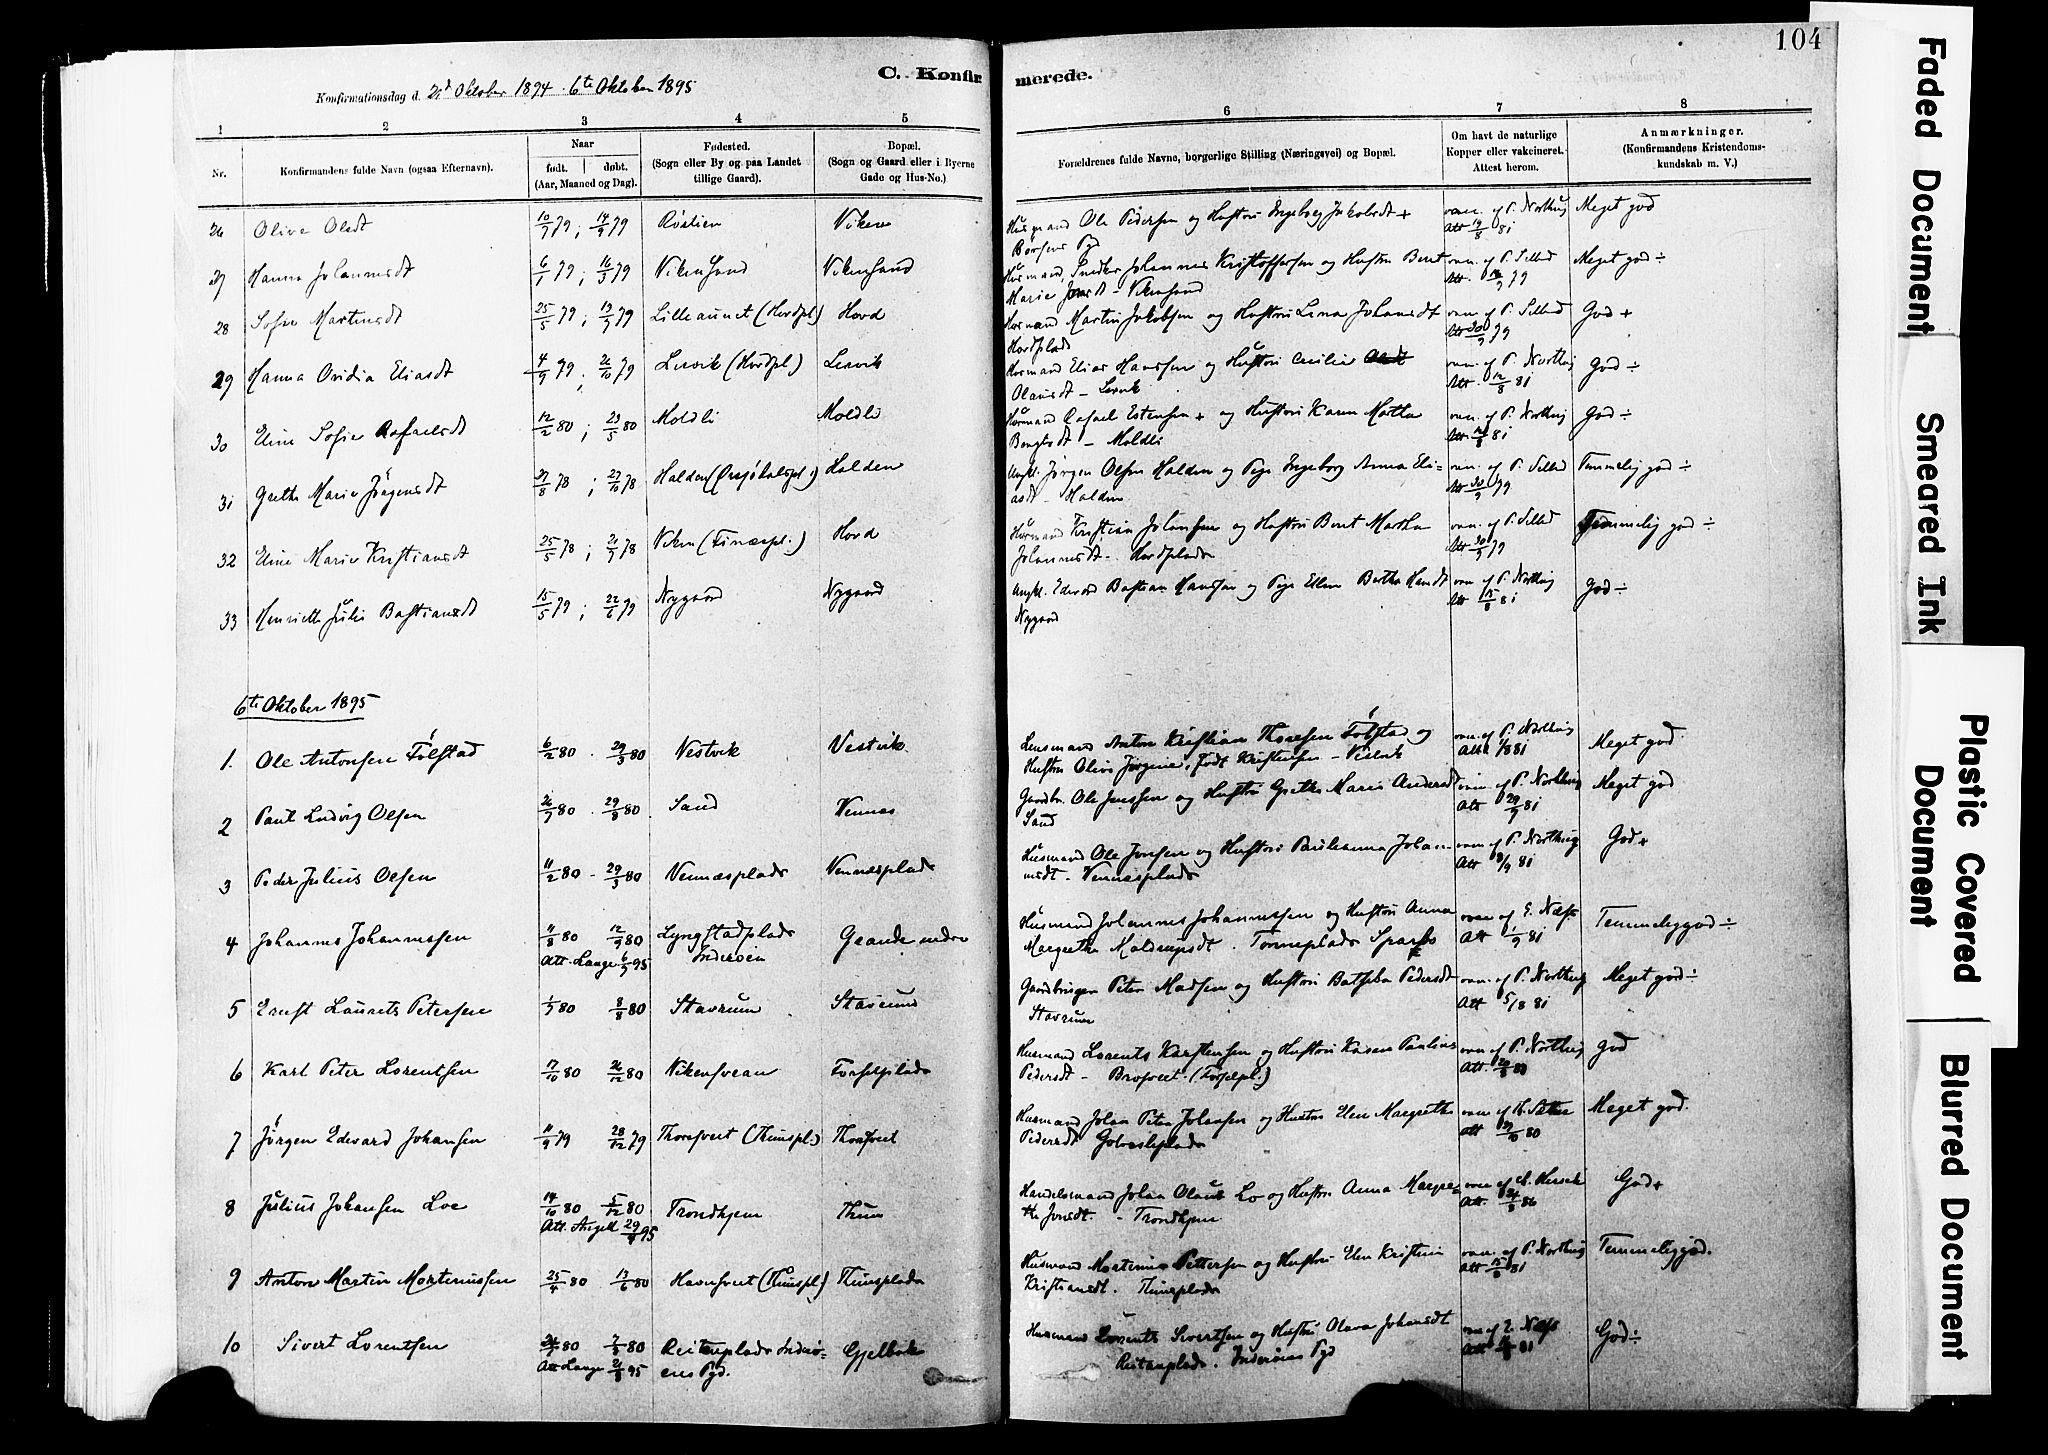 SAT, Ministerialprotokoller, klokkerbøker og fødselsregistre - Nord-Trøndelag, 744/L0420: Ministerialbok nr. 744A04, 1882-1904, s. 104